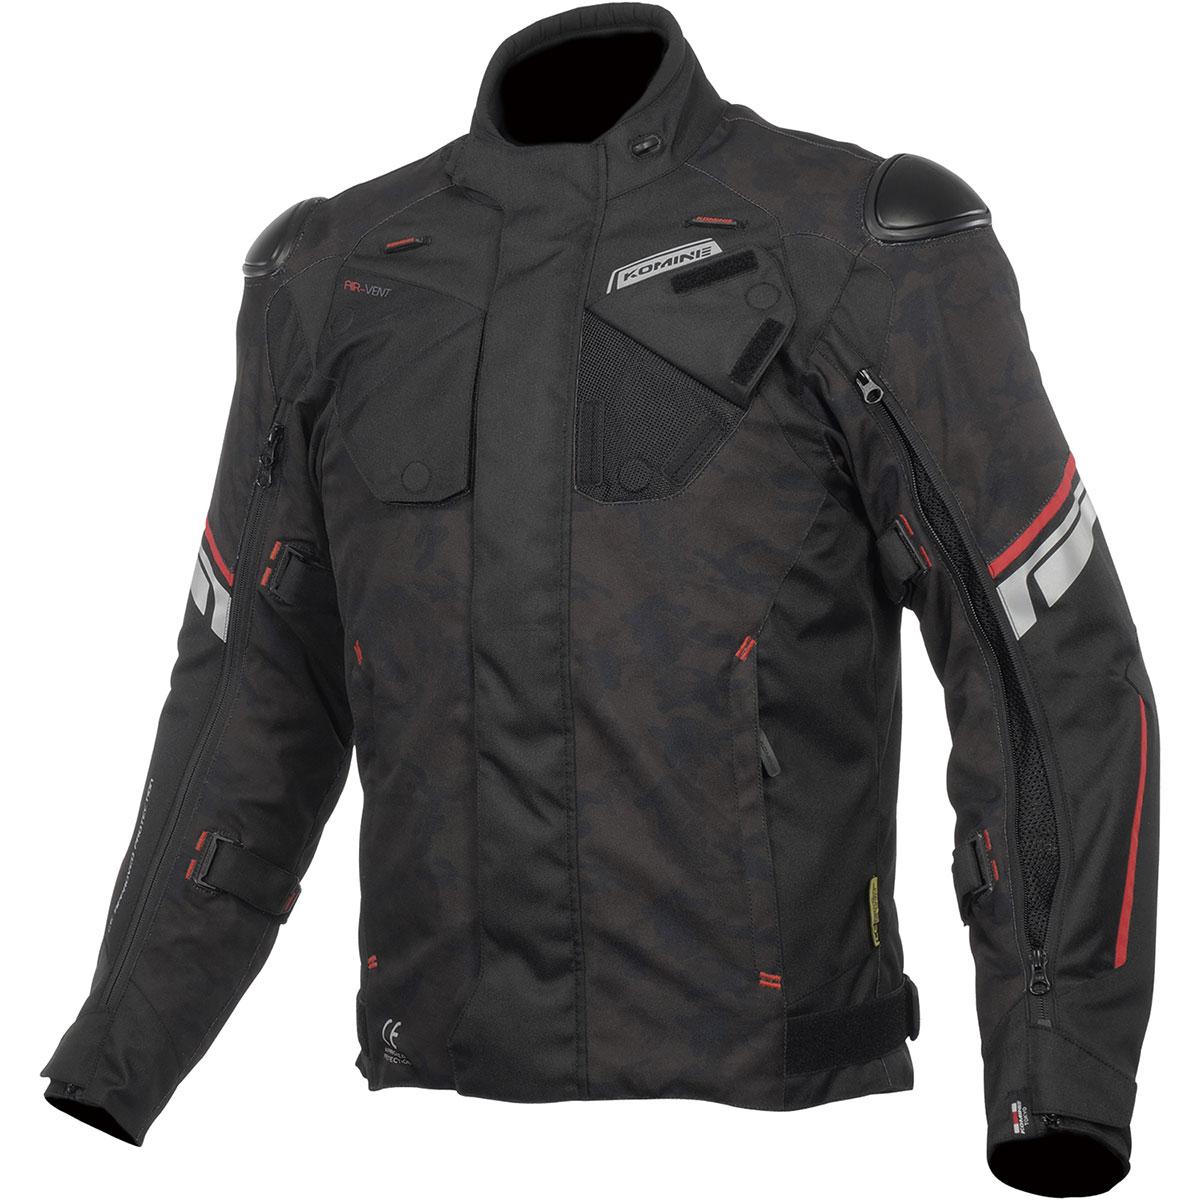 バイクウェア・プロテクター, ジャケット  (Komine) Jacket JK-598 3XL 07-598BK-CAMRD3XL